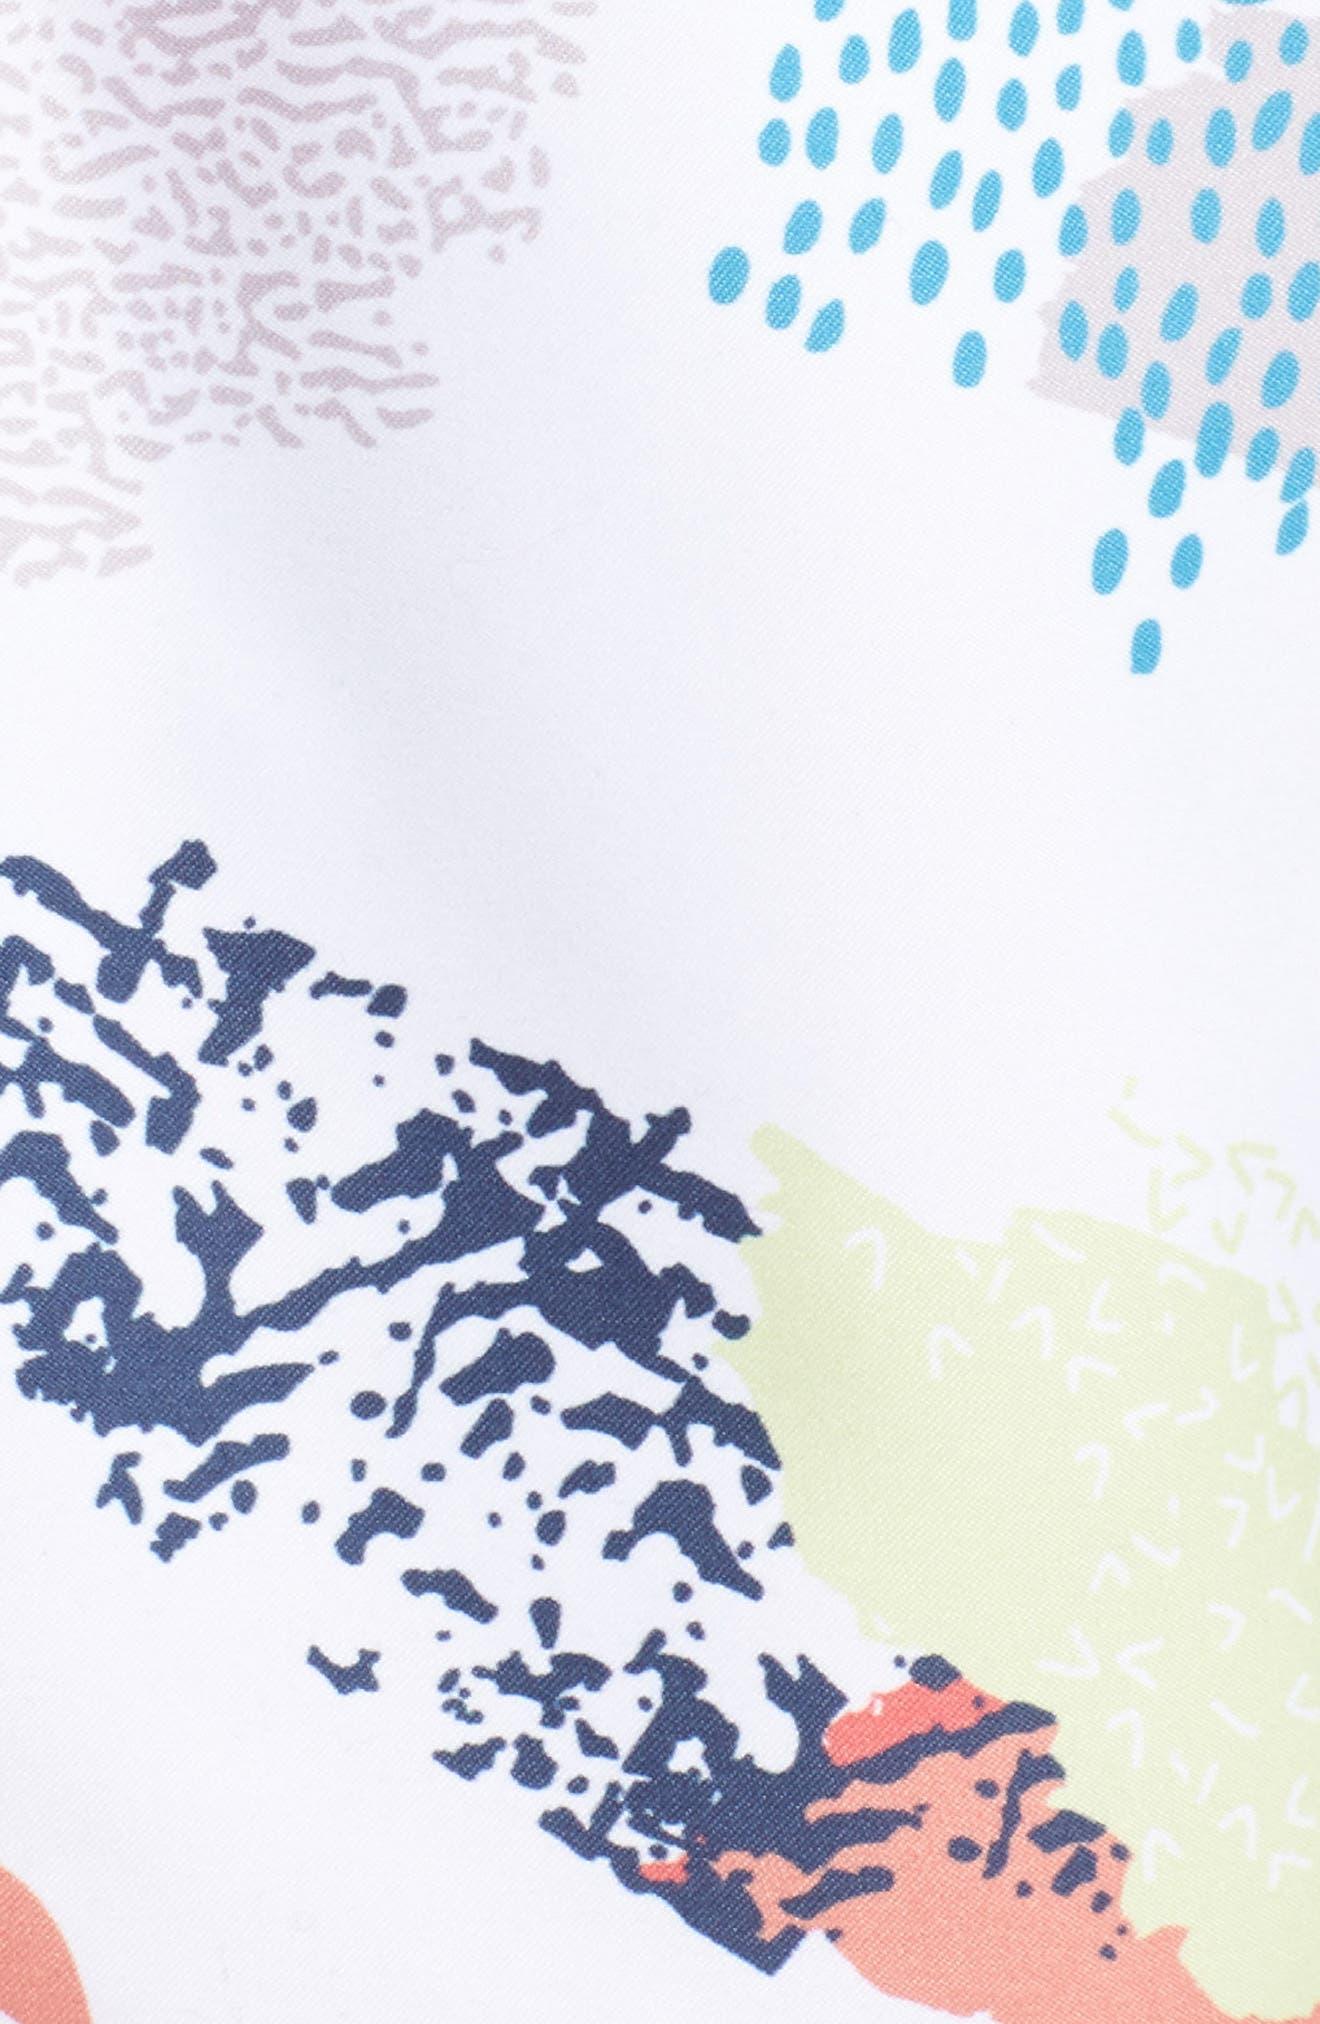 Effervescence Swim Trunks,                             Alternate thumbnail 5, color,                             White